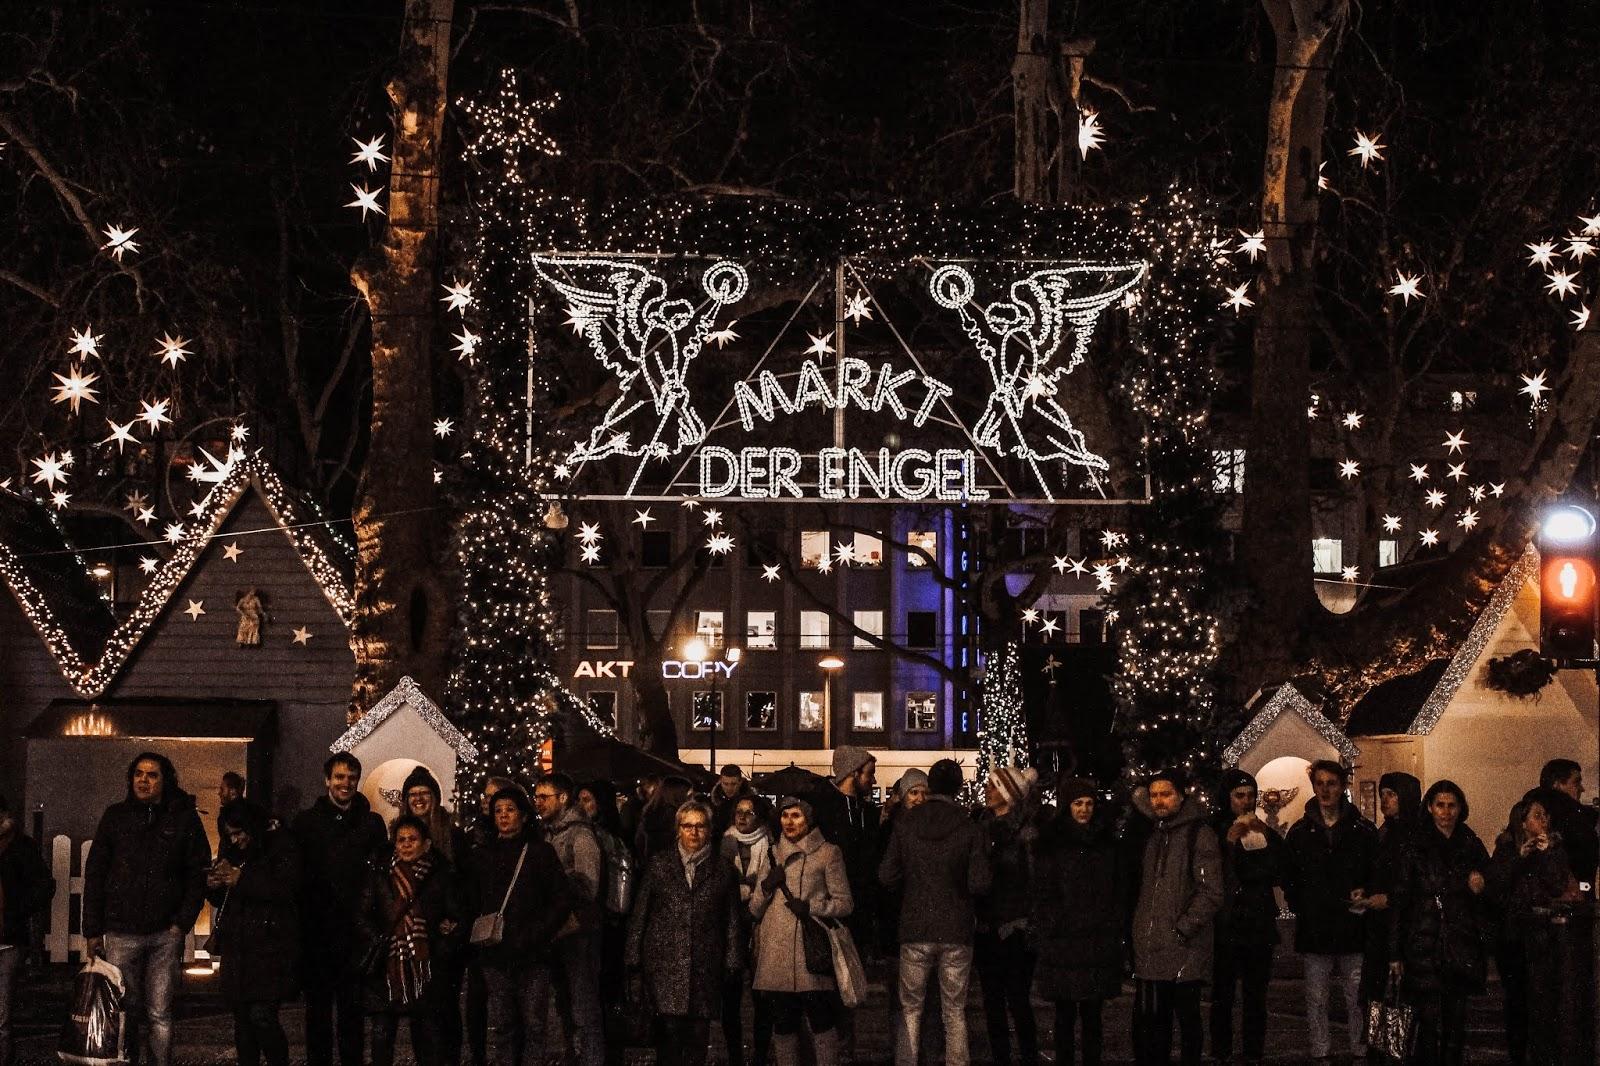 Cologne Germany Markt der Engel